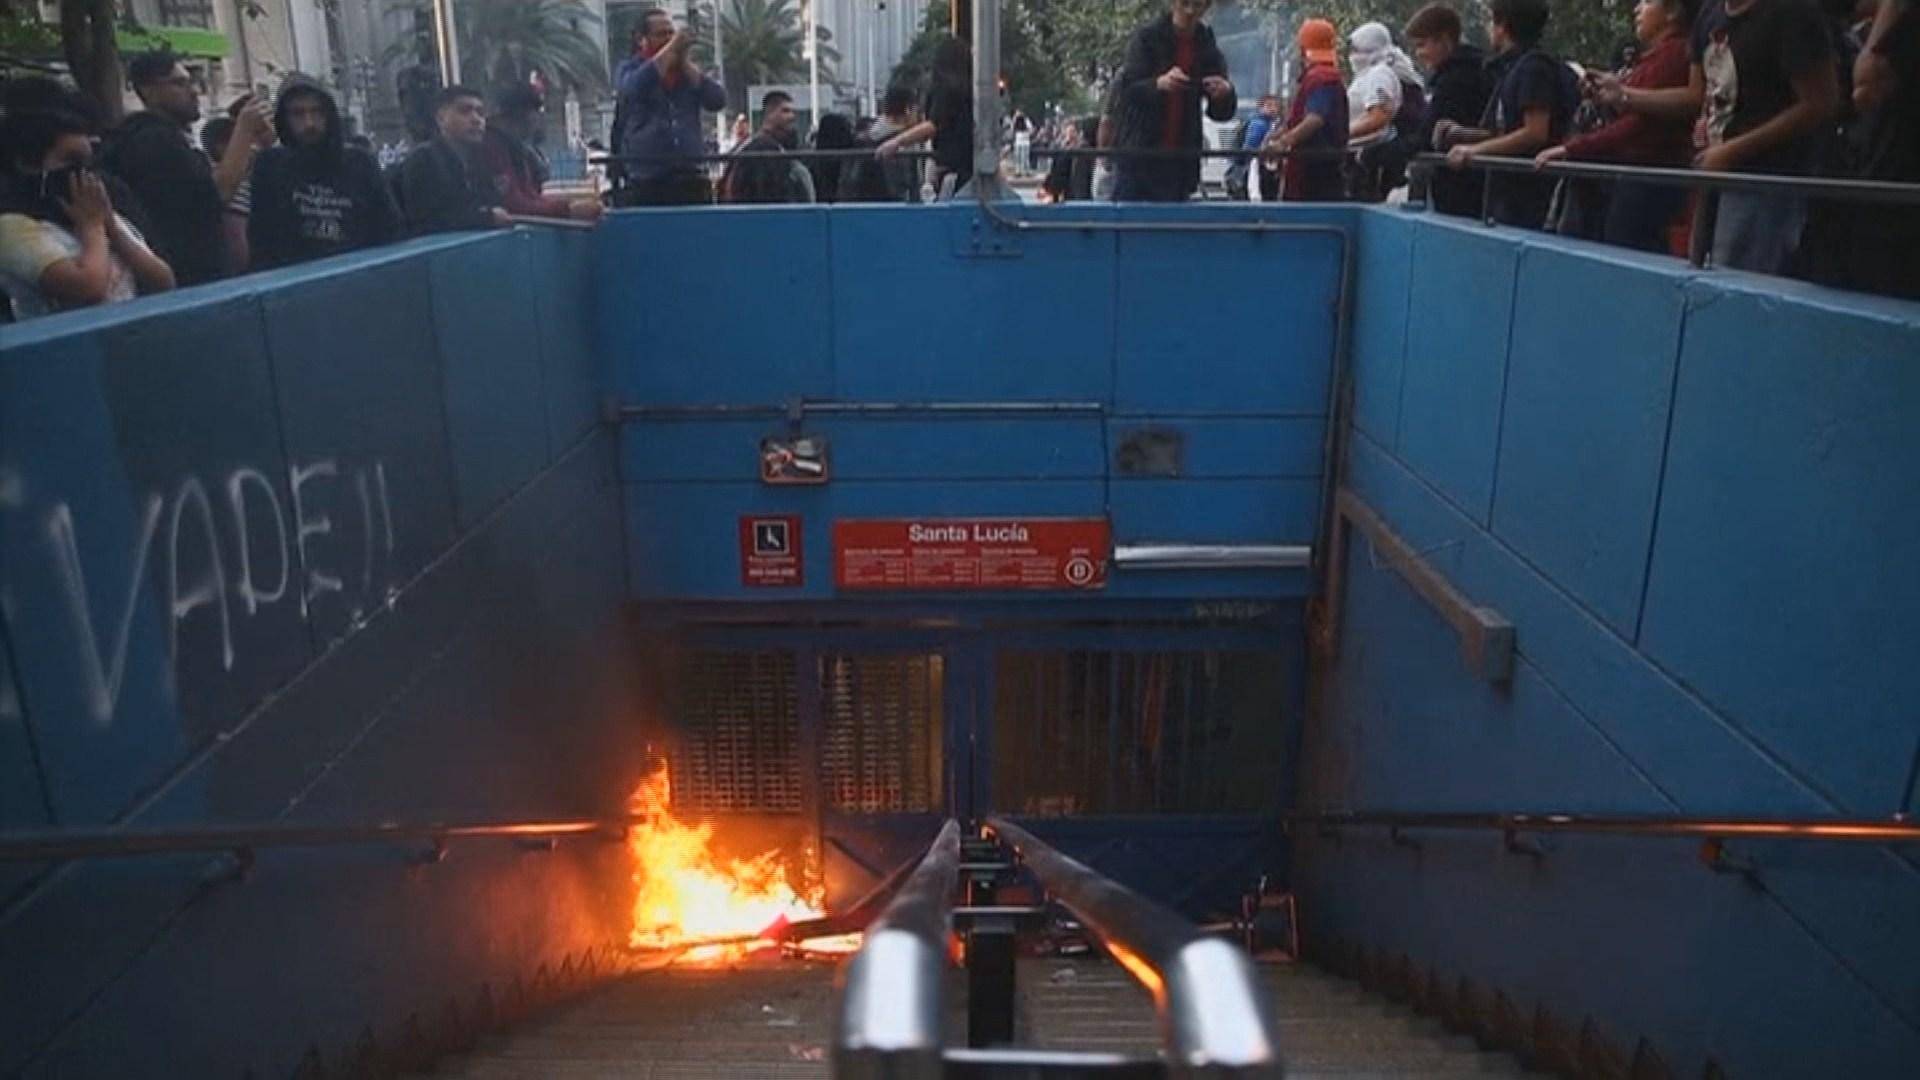 칠레, 지하철 요금인상 반대 시위 확산…비상사태 선포